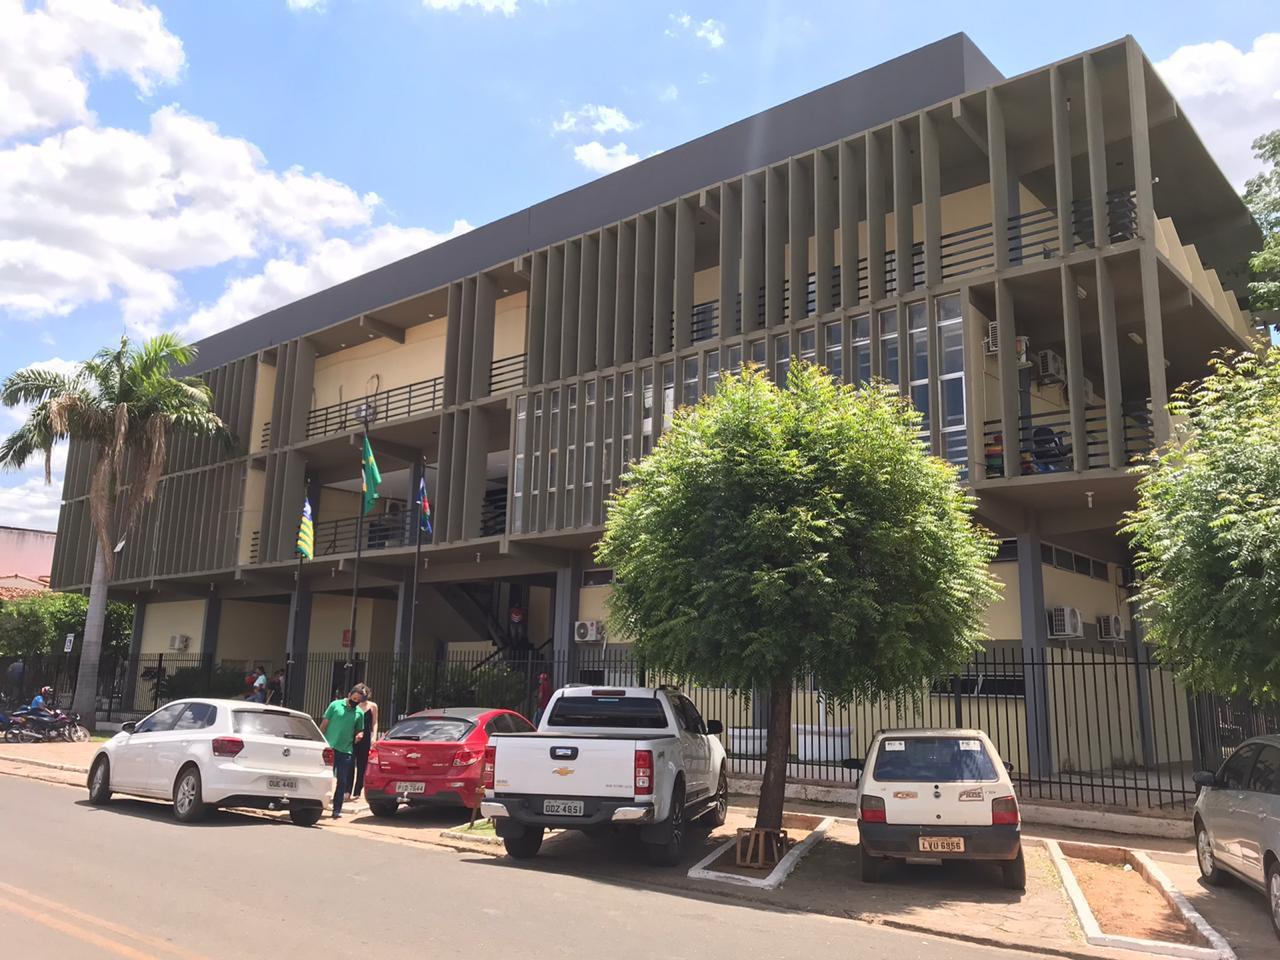 Prefeitura de Picos declara luto oficial de 3 dias pelo falecimento do ex-prefeito Dr. Abel de Barros Araújo